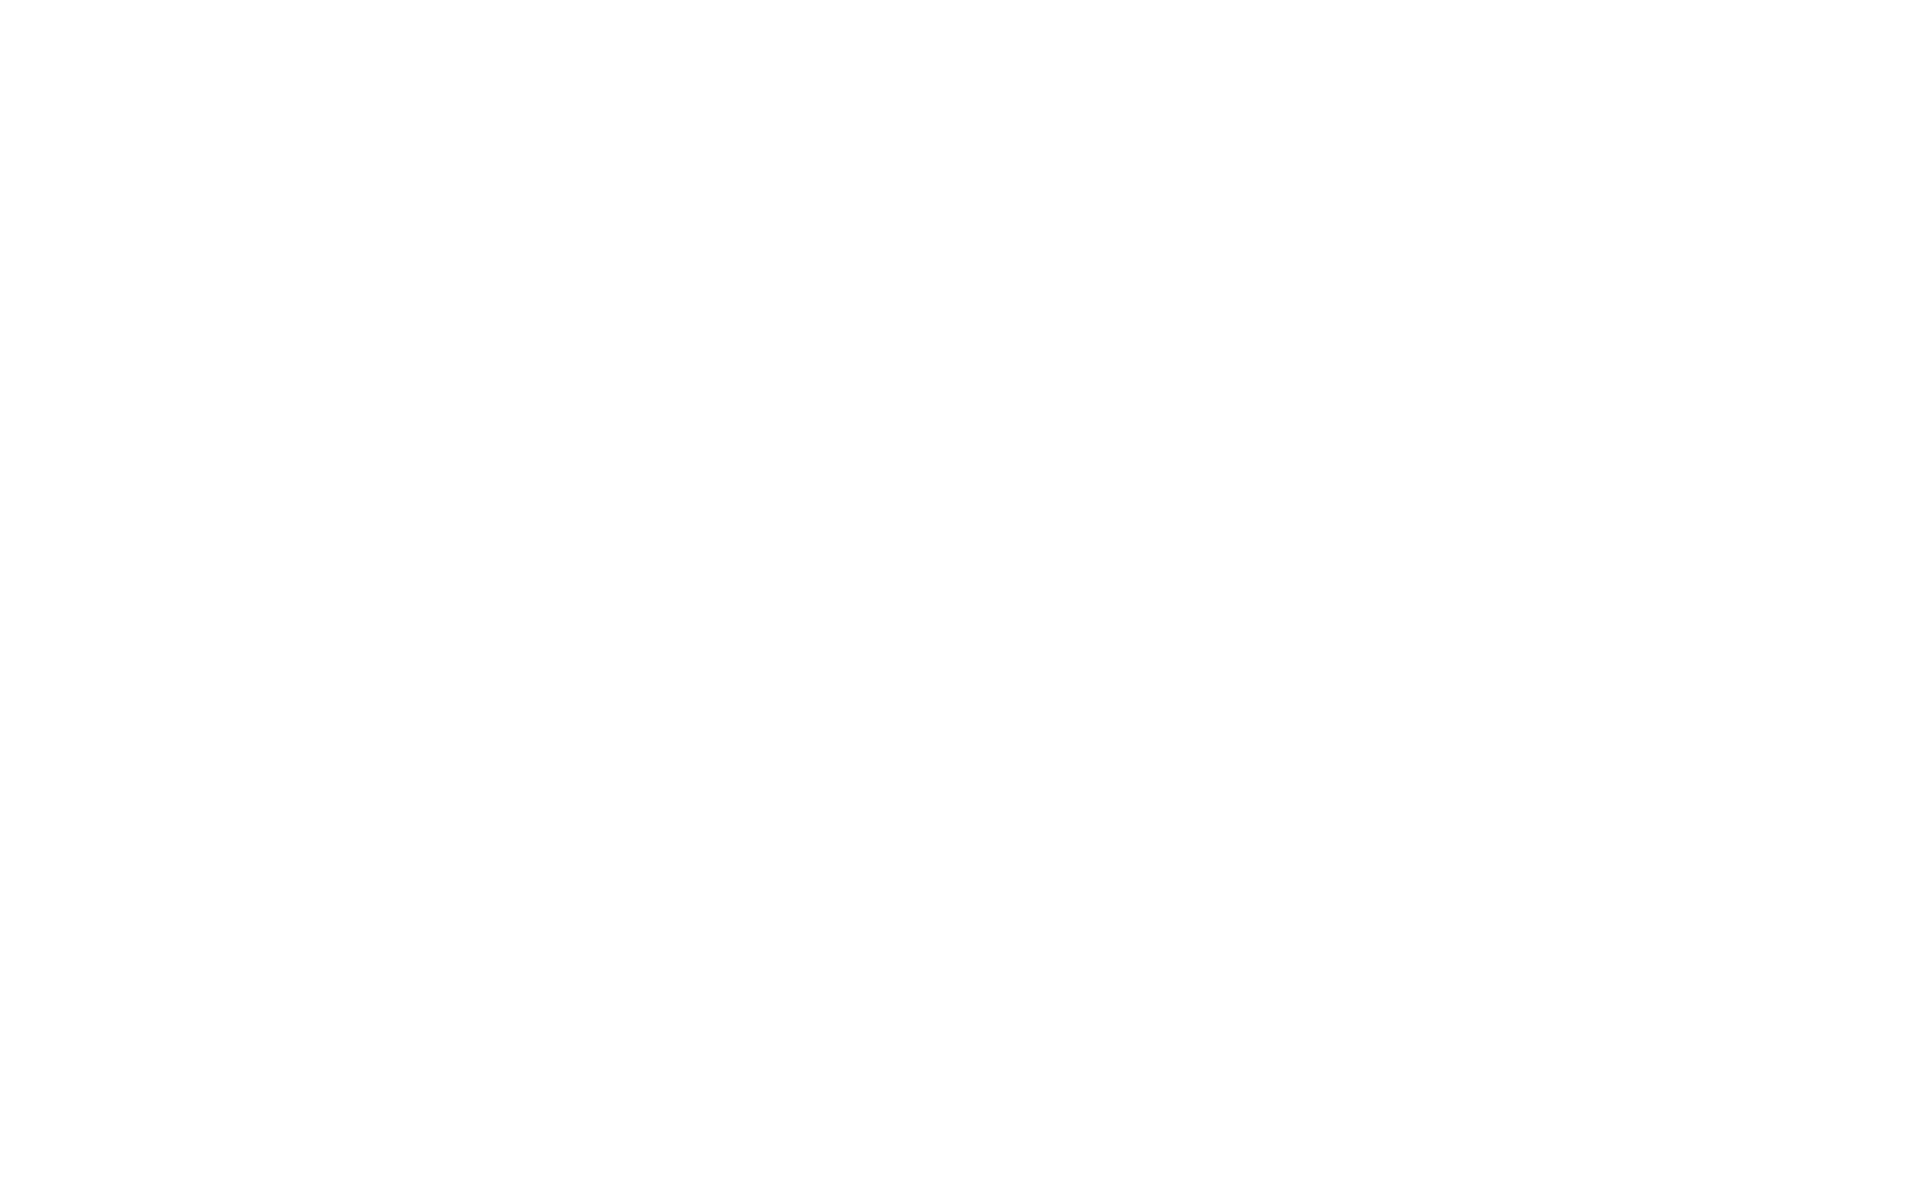 ubuntuproducts.cz